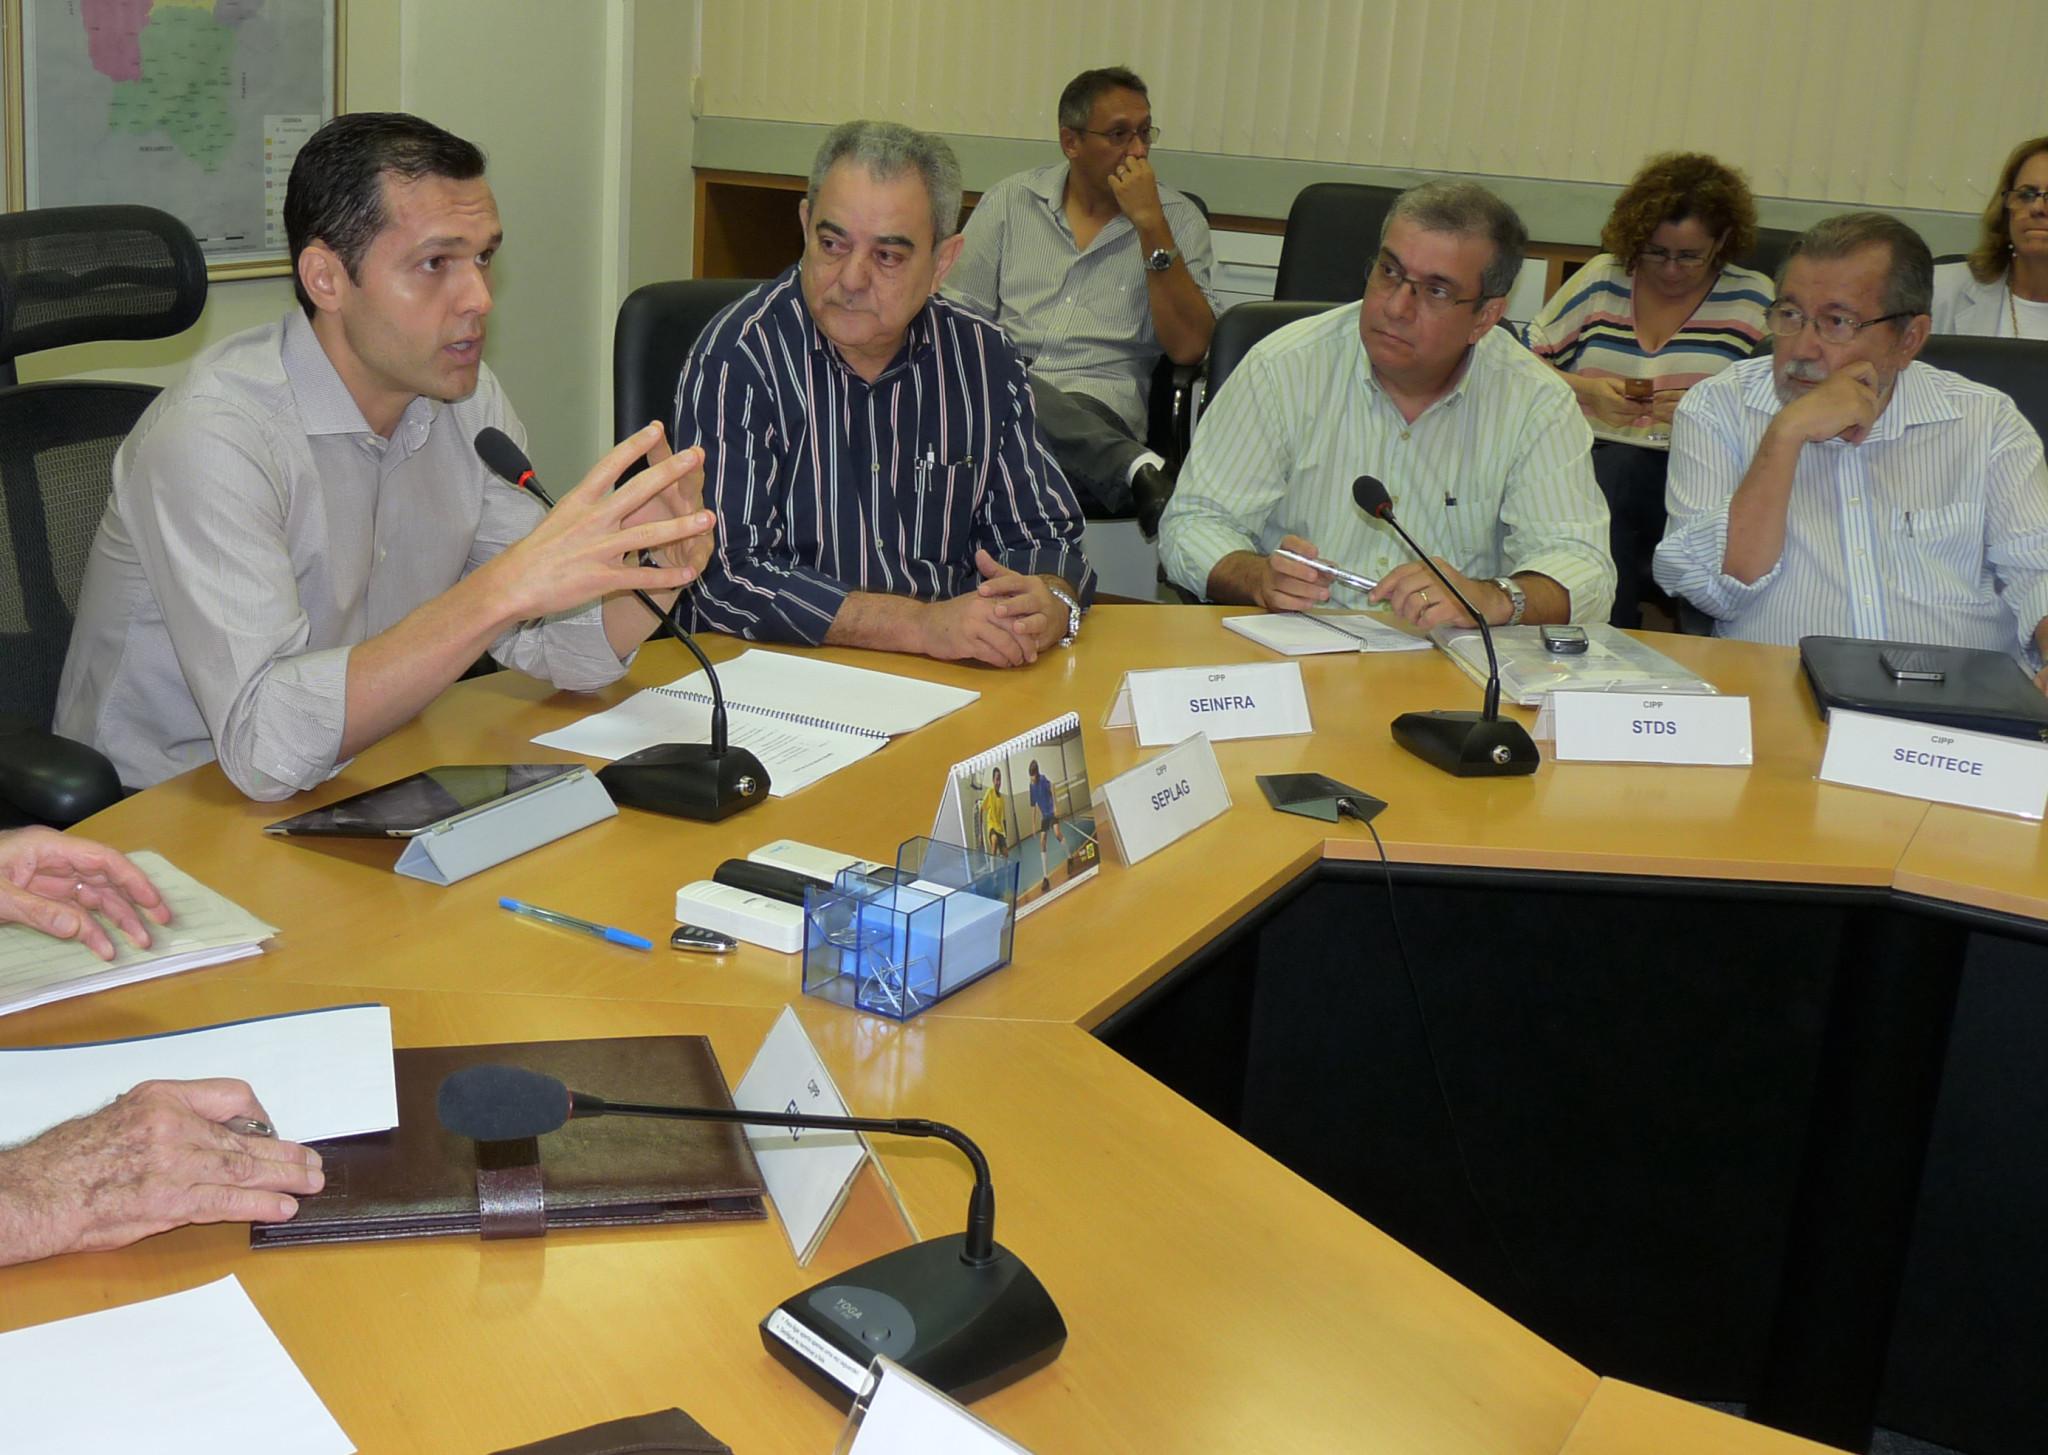 12-06-2012 - Reunião CIPP - Sala de Reunião (51)